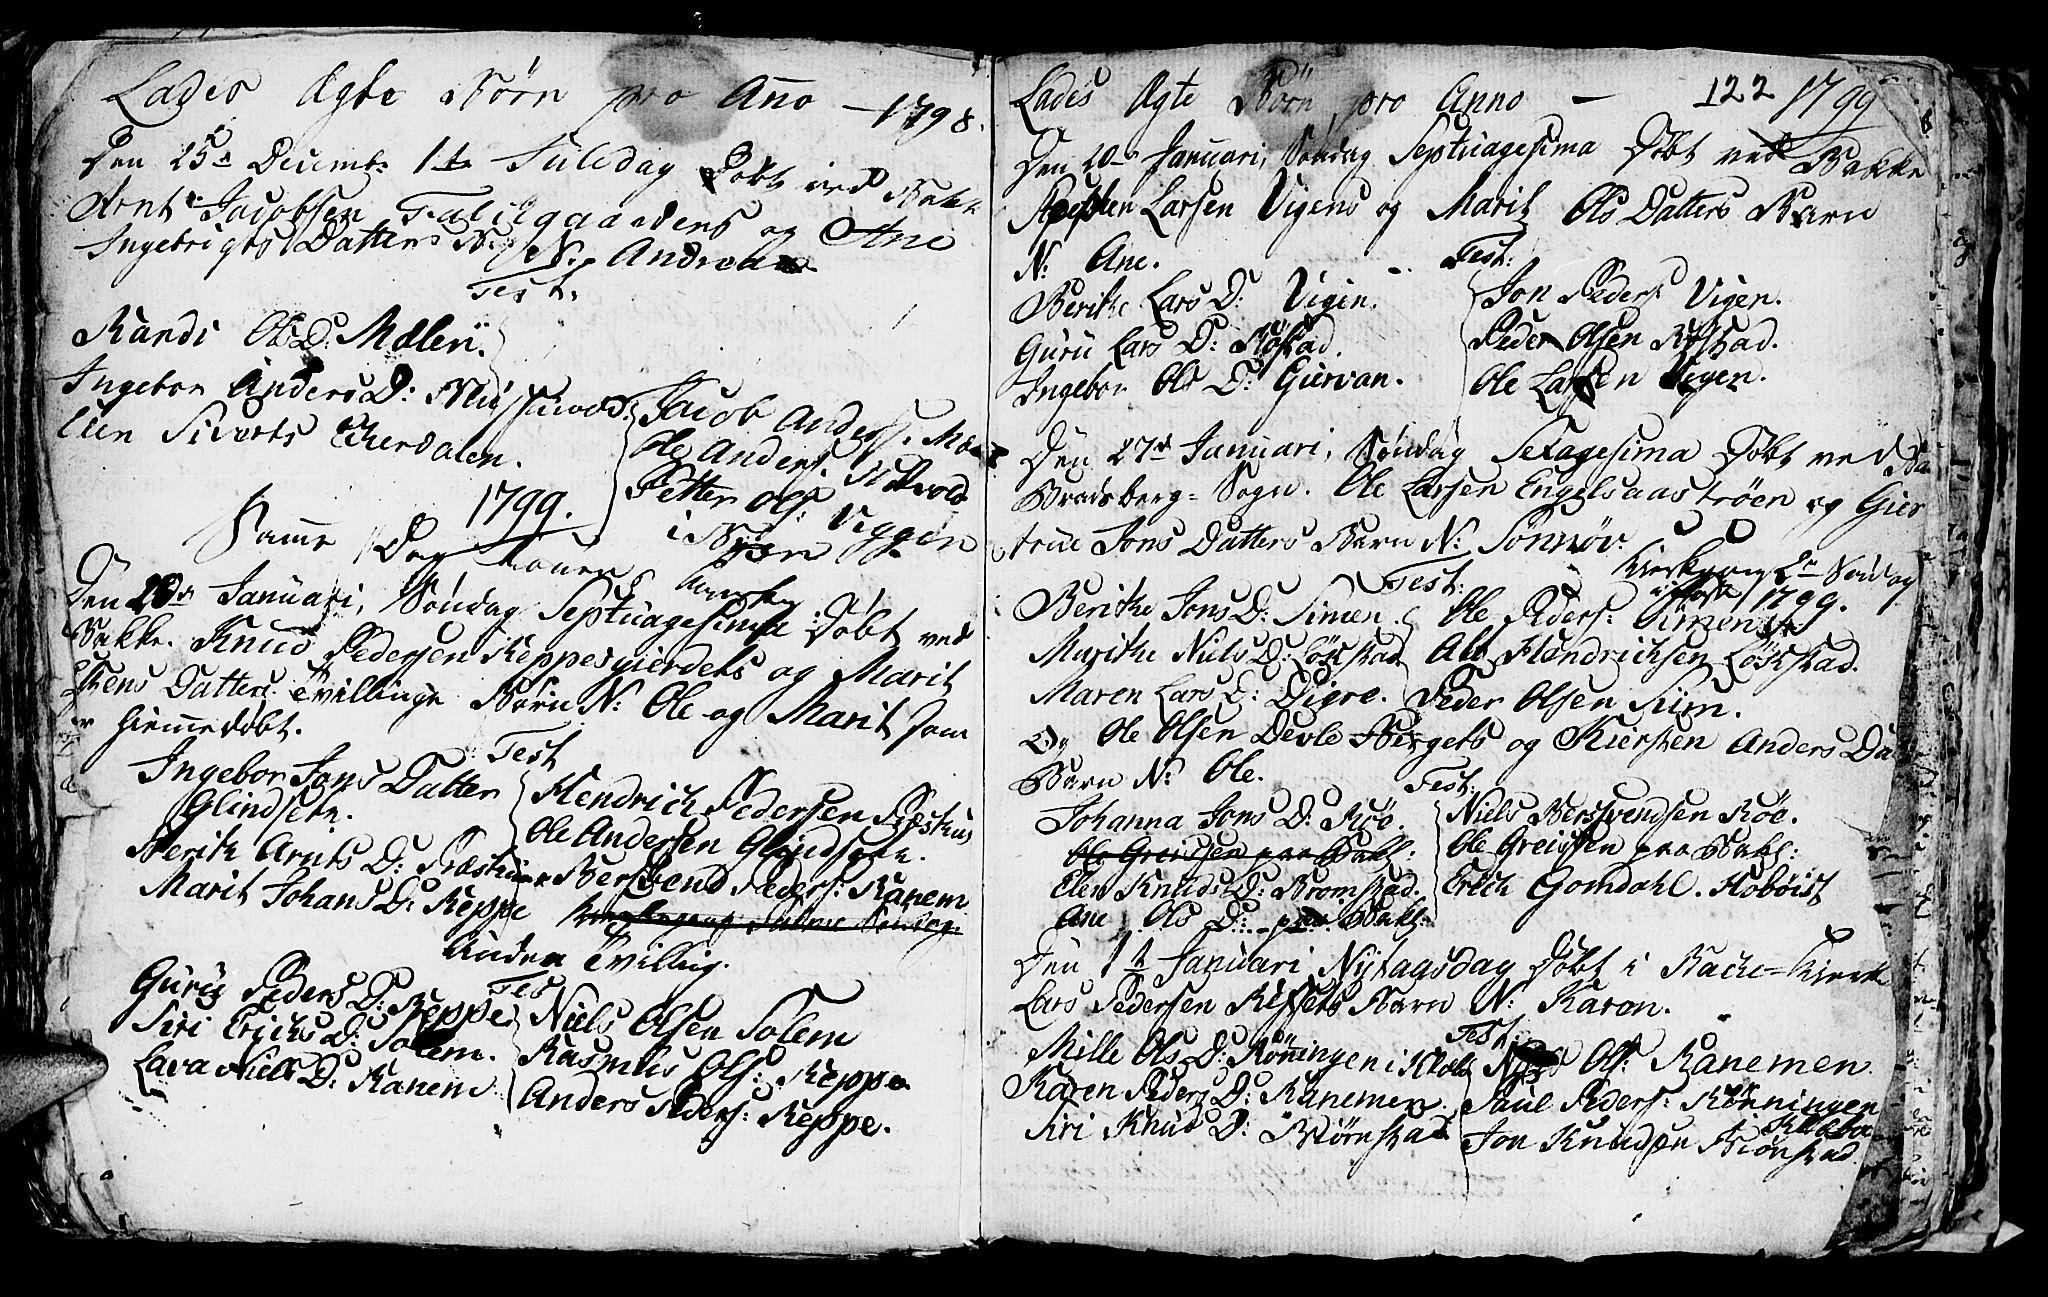 SAT, Ministerialprotokoller, klokkerbøker og fødselsregistre - Sør-Trøndelag, 606/L0305: Klokkerbok nr. 606C01, 1757-1819, s. 122